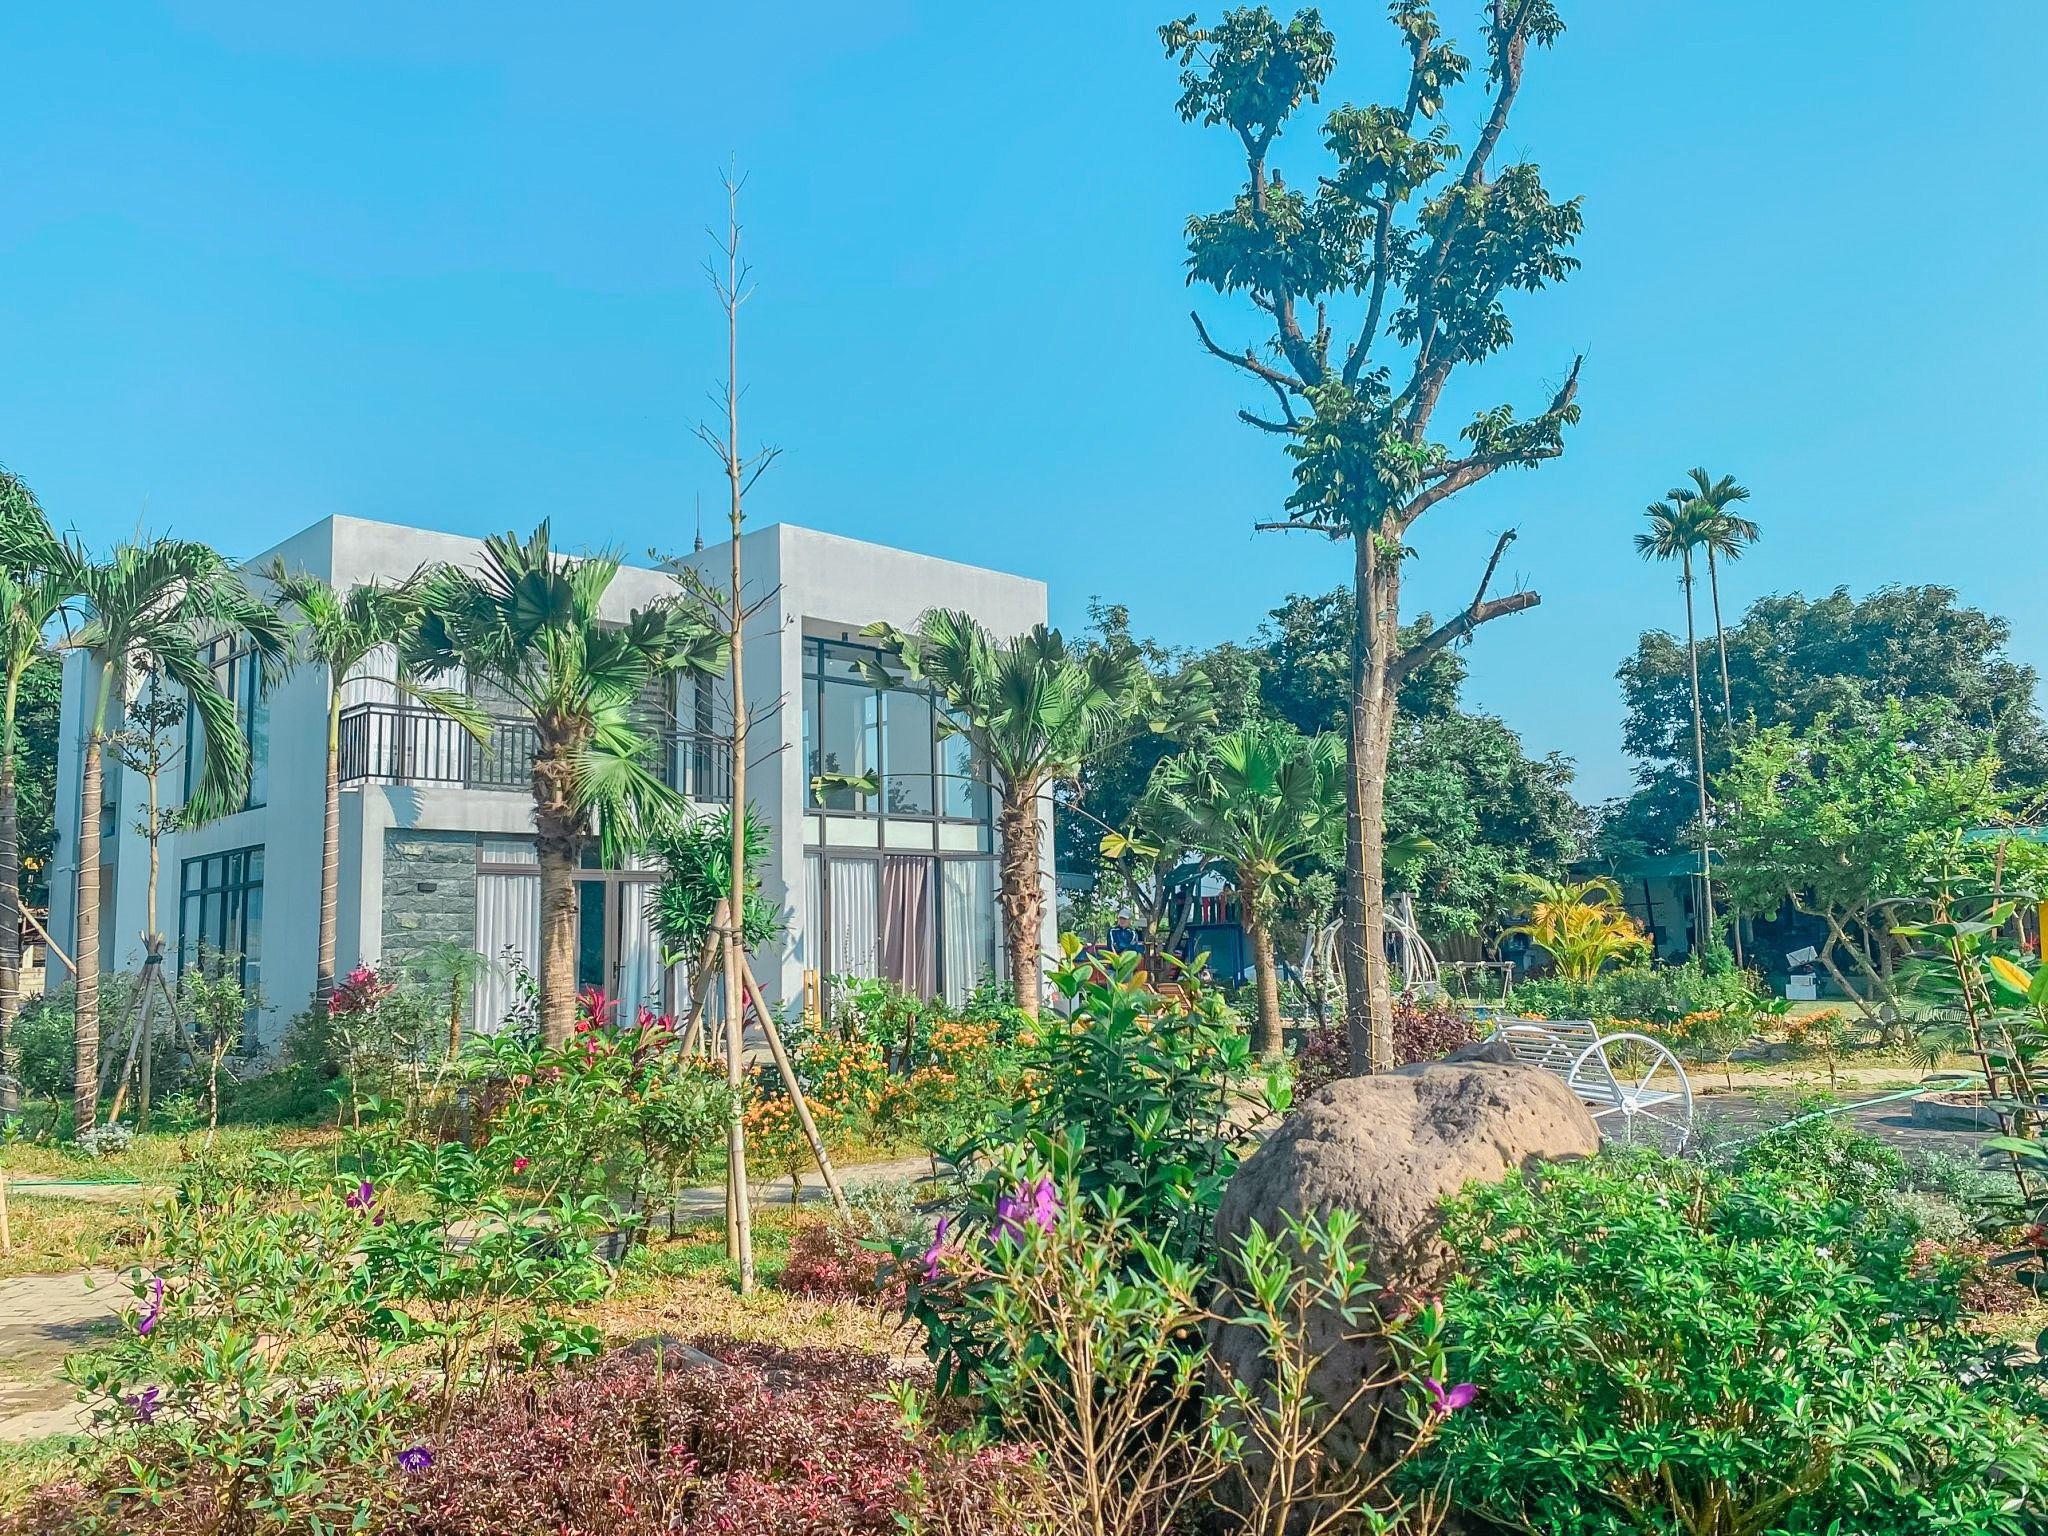 khong-gian-villa-22-sen-villas-homestay-ba-vi-ha-noi-02